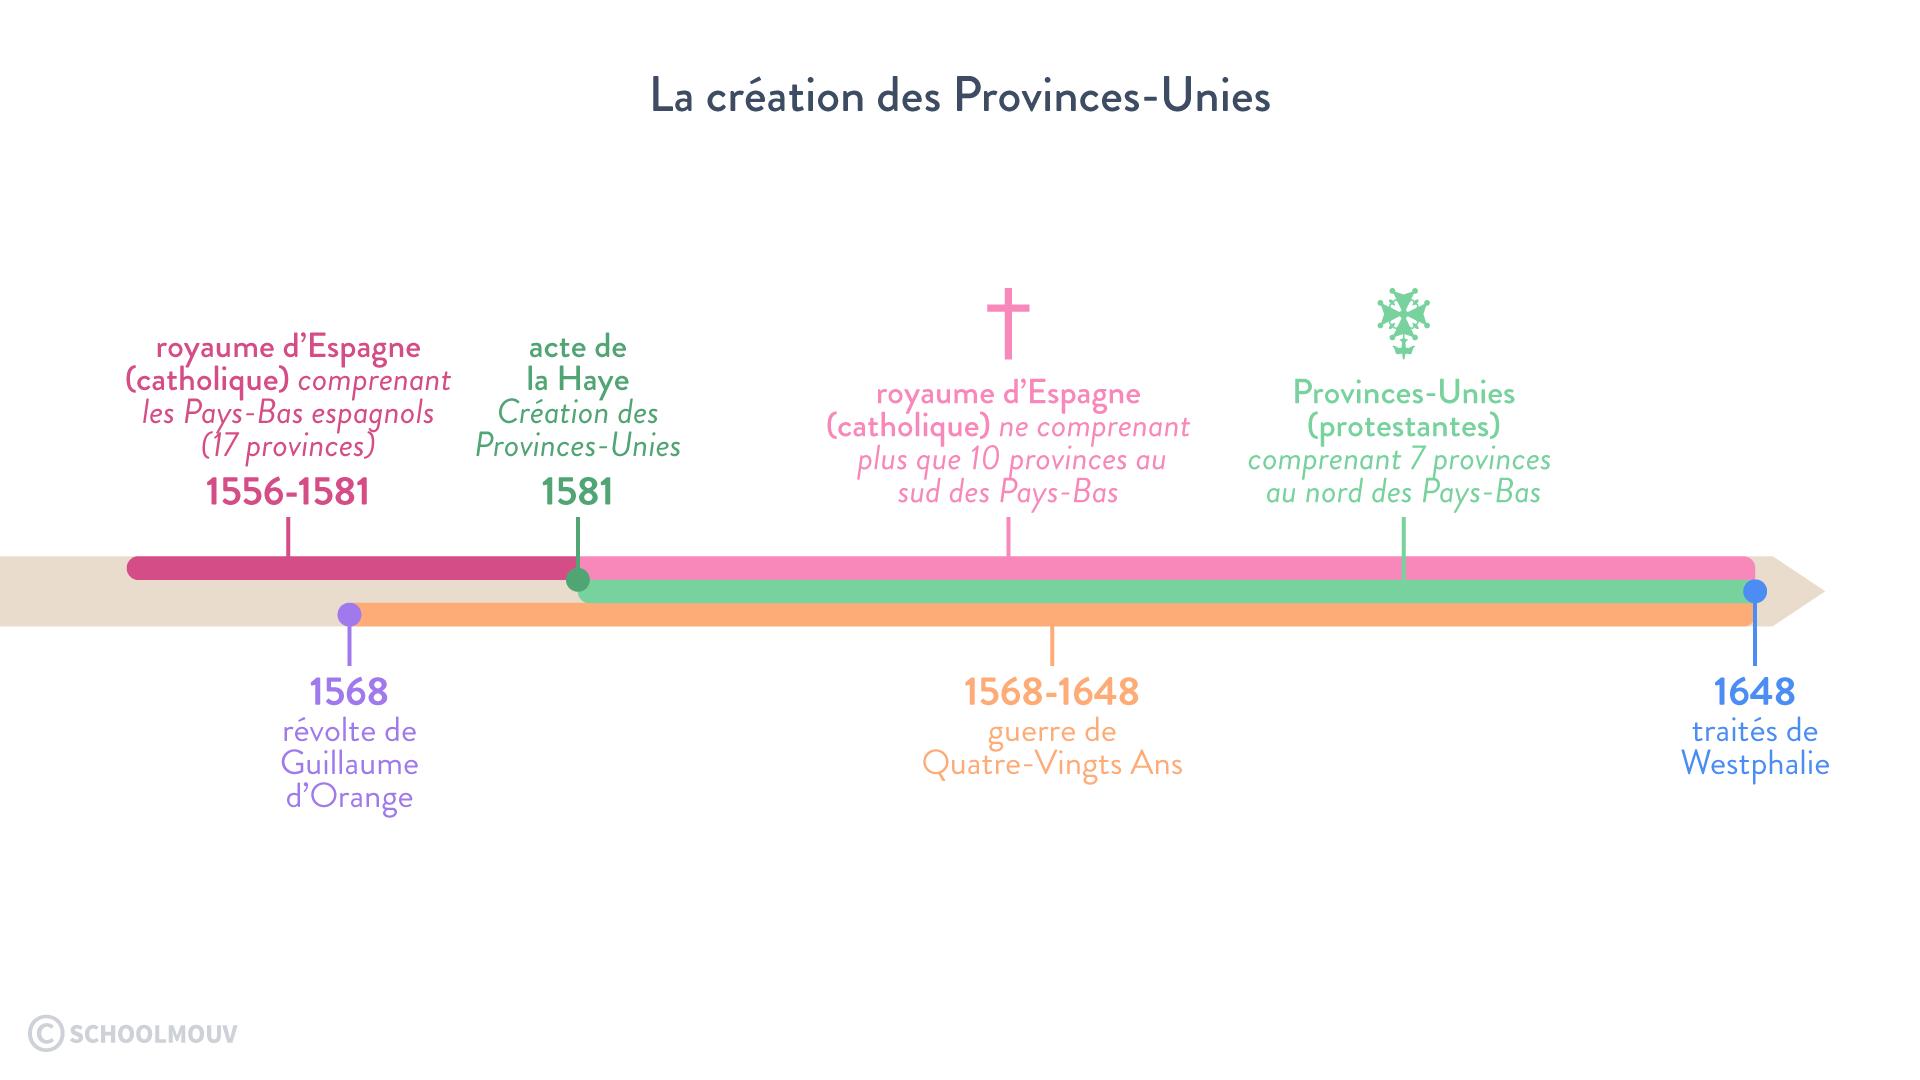 La création des Provinces-Unies 1556 royaume d'espagne acte de La Haye 1581 provinces sud guerre de quatre-vingts ans traités de westphalie 1648 faire la guerre paix histoire géographie géopolitique sciences politiques terminale